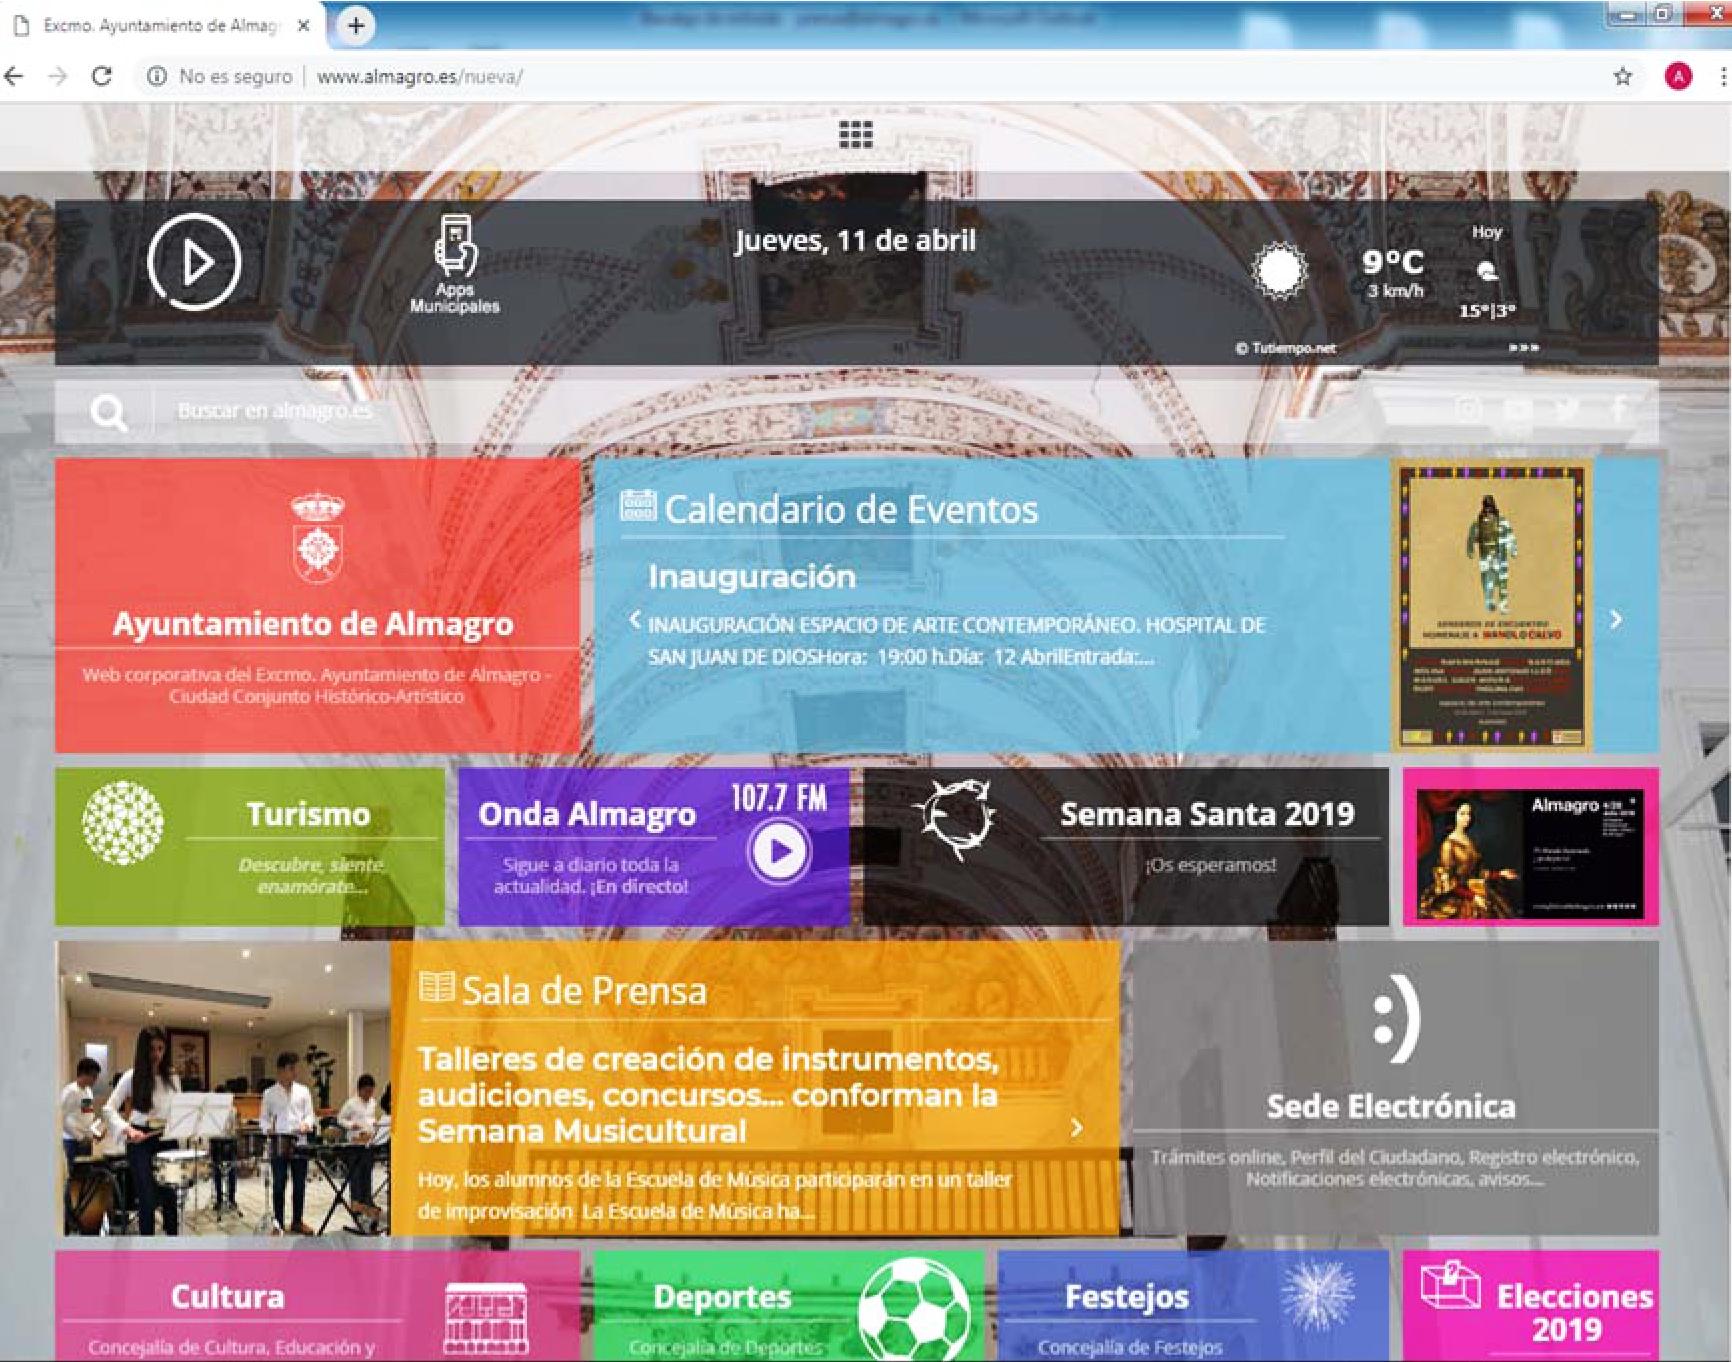 El Ayuntamiento estrena mañana nueva página web más versátil, ágil y accesible